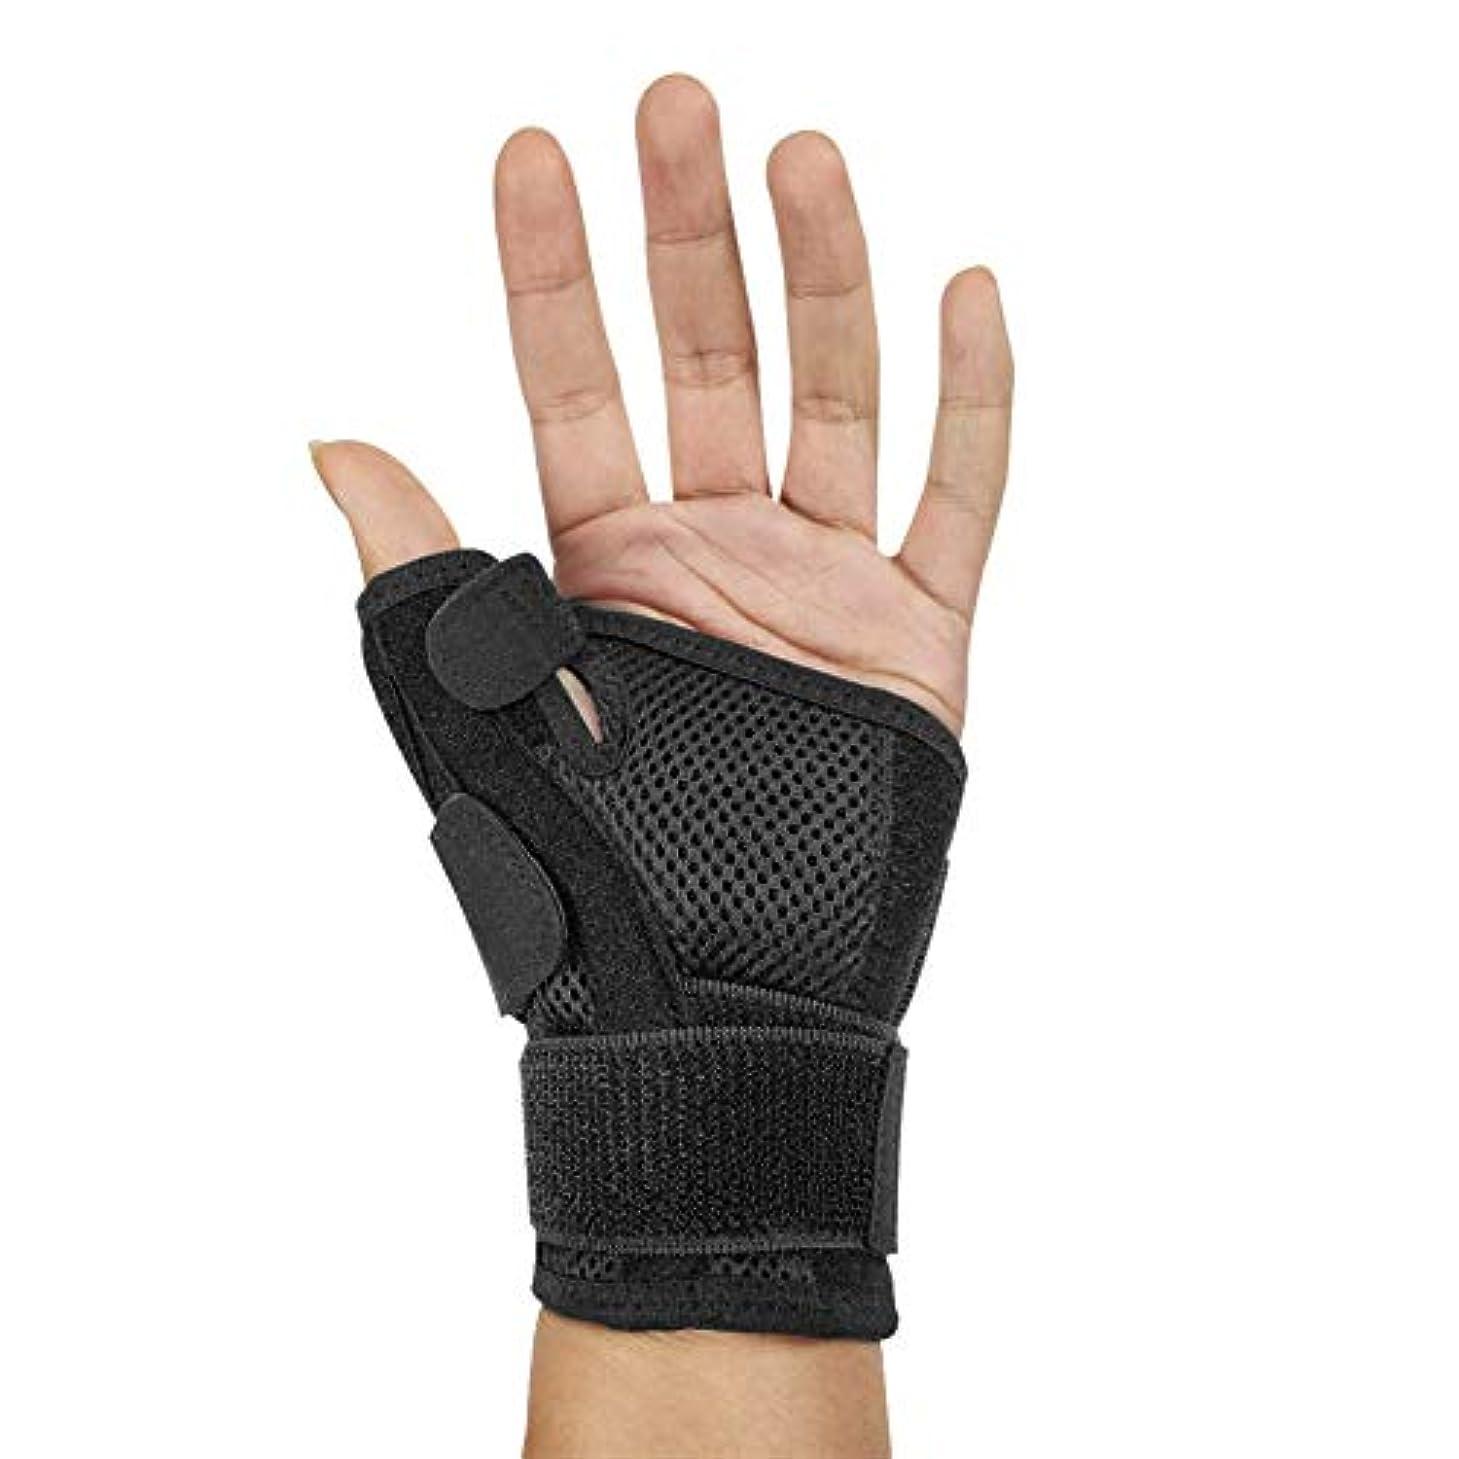 マーティンルーサーキングジュニア出演者それぞれ指サポーター ばね指サポーター バネ指 腱鞘炎 指保護 固定 調整自在 左右兼用 フリーサイズ